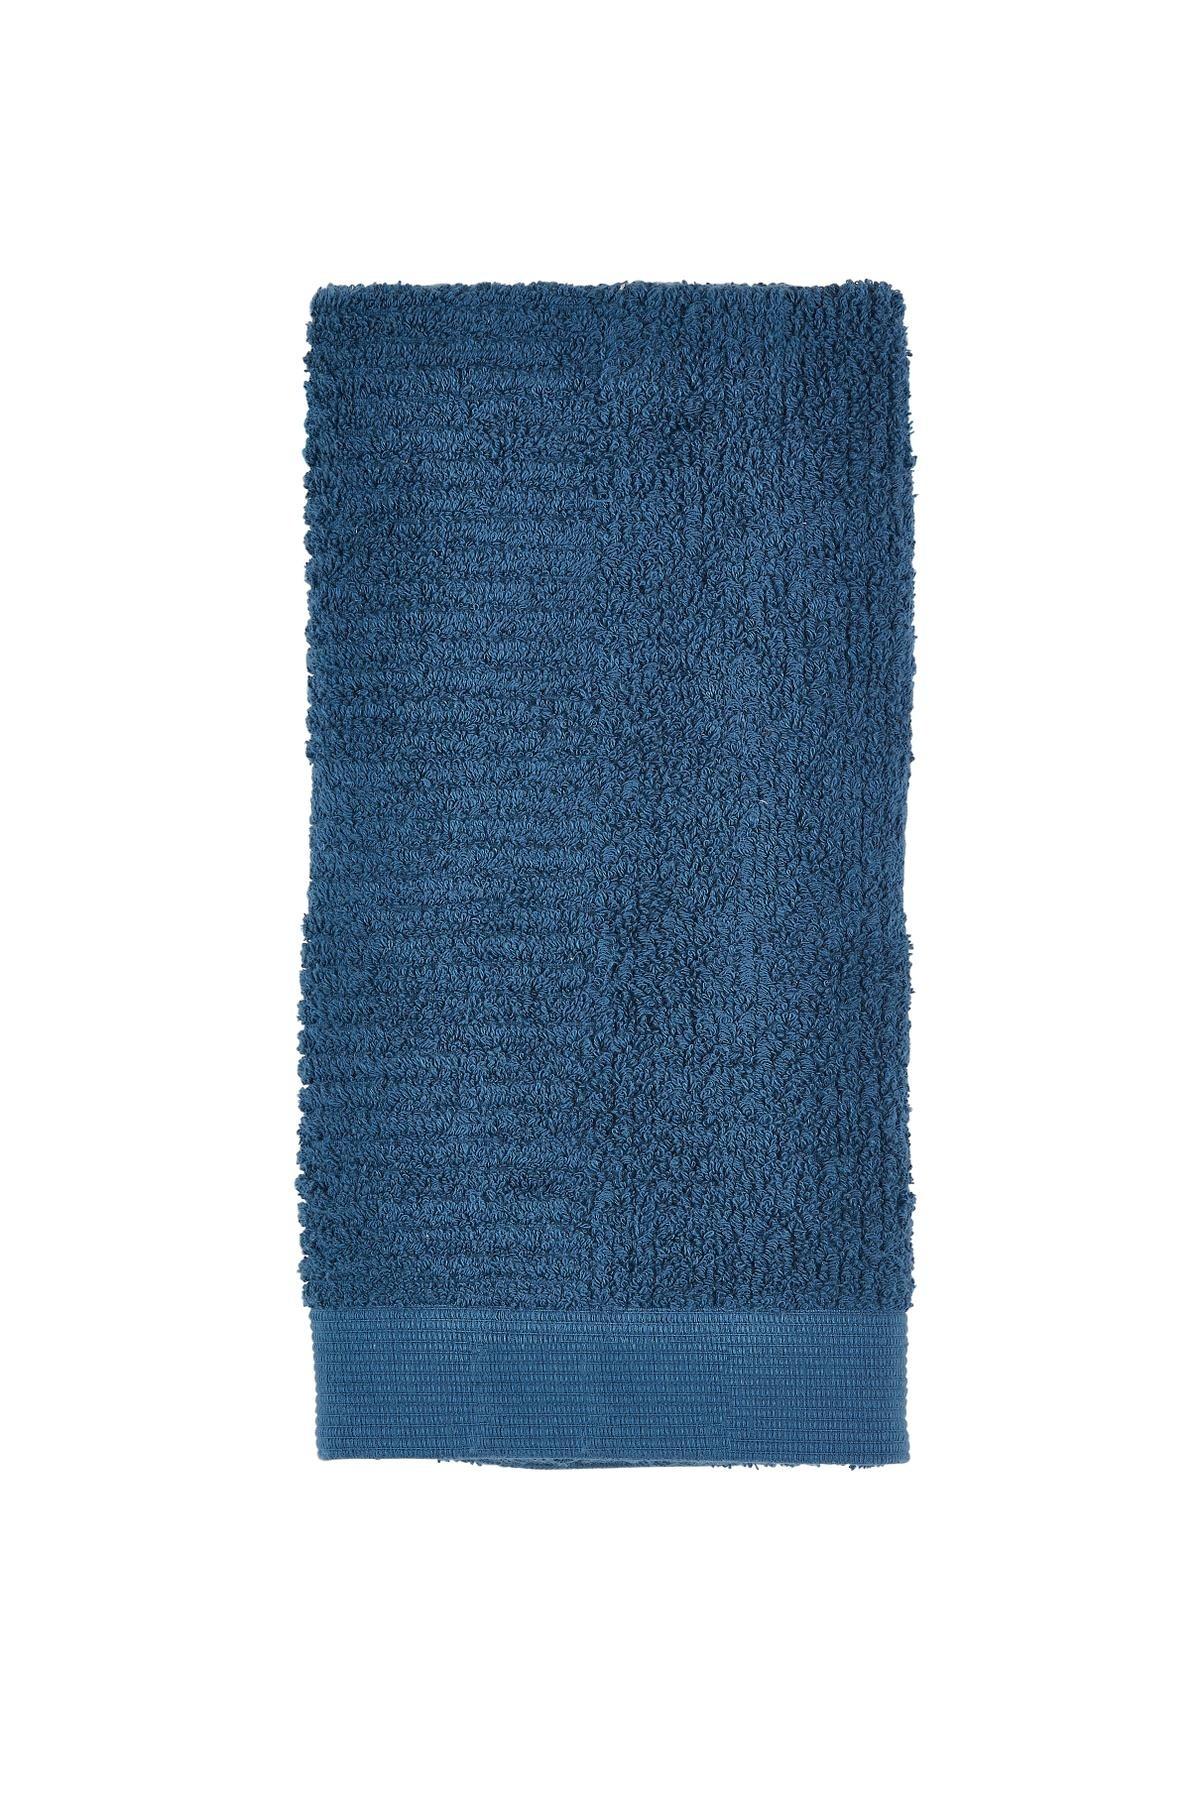 Prosop baie din bumbac Classic, Azure Blue, Zone-50 x 70 cm imagine